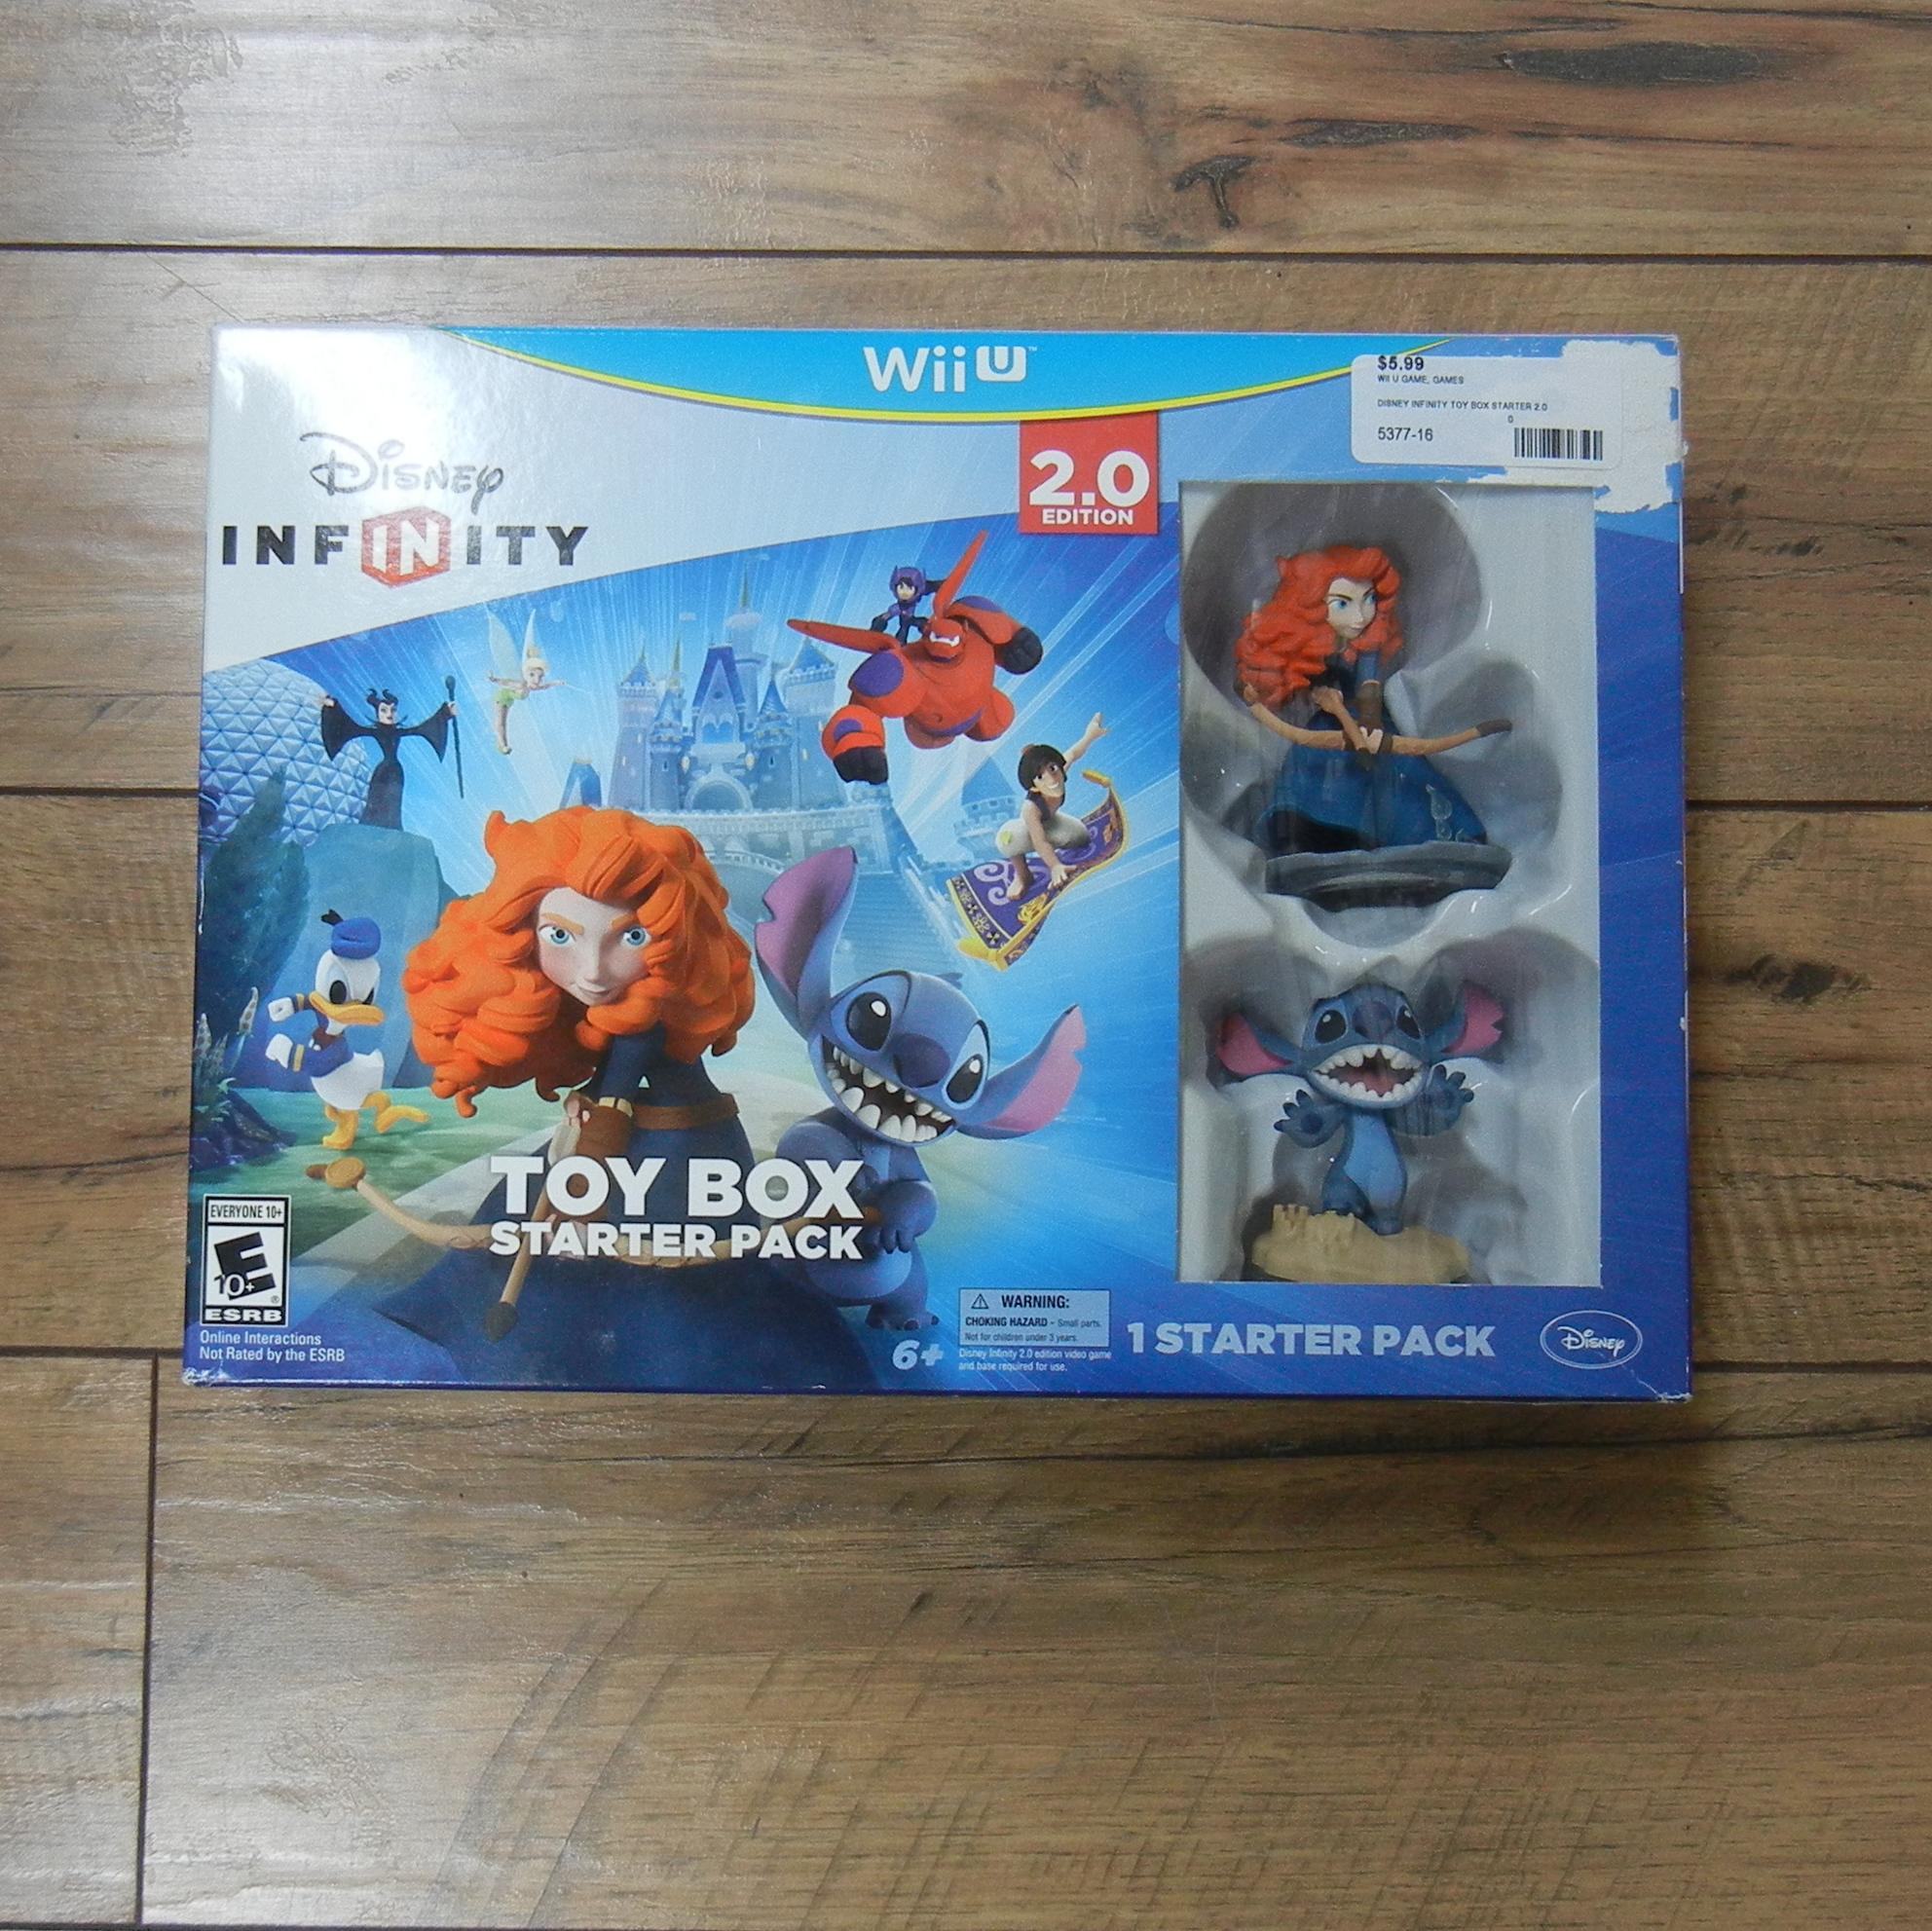 DISNEY INFINITY TOY BOX STARTER 2.0 WII U GAME